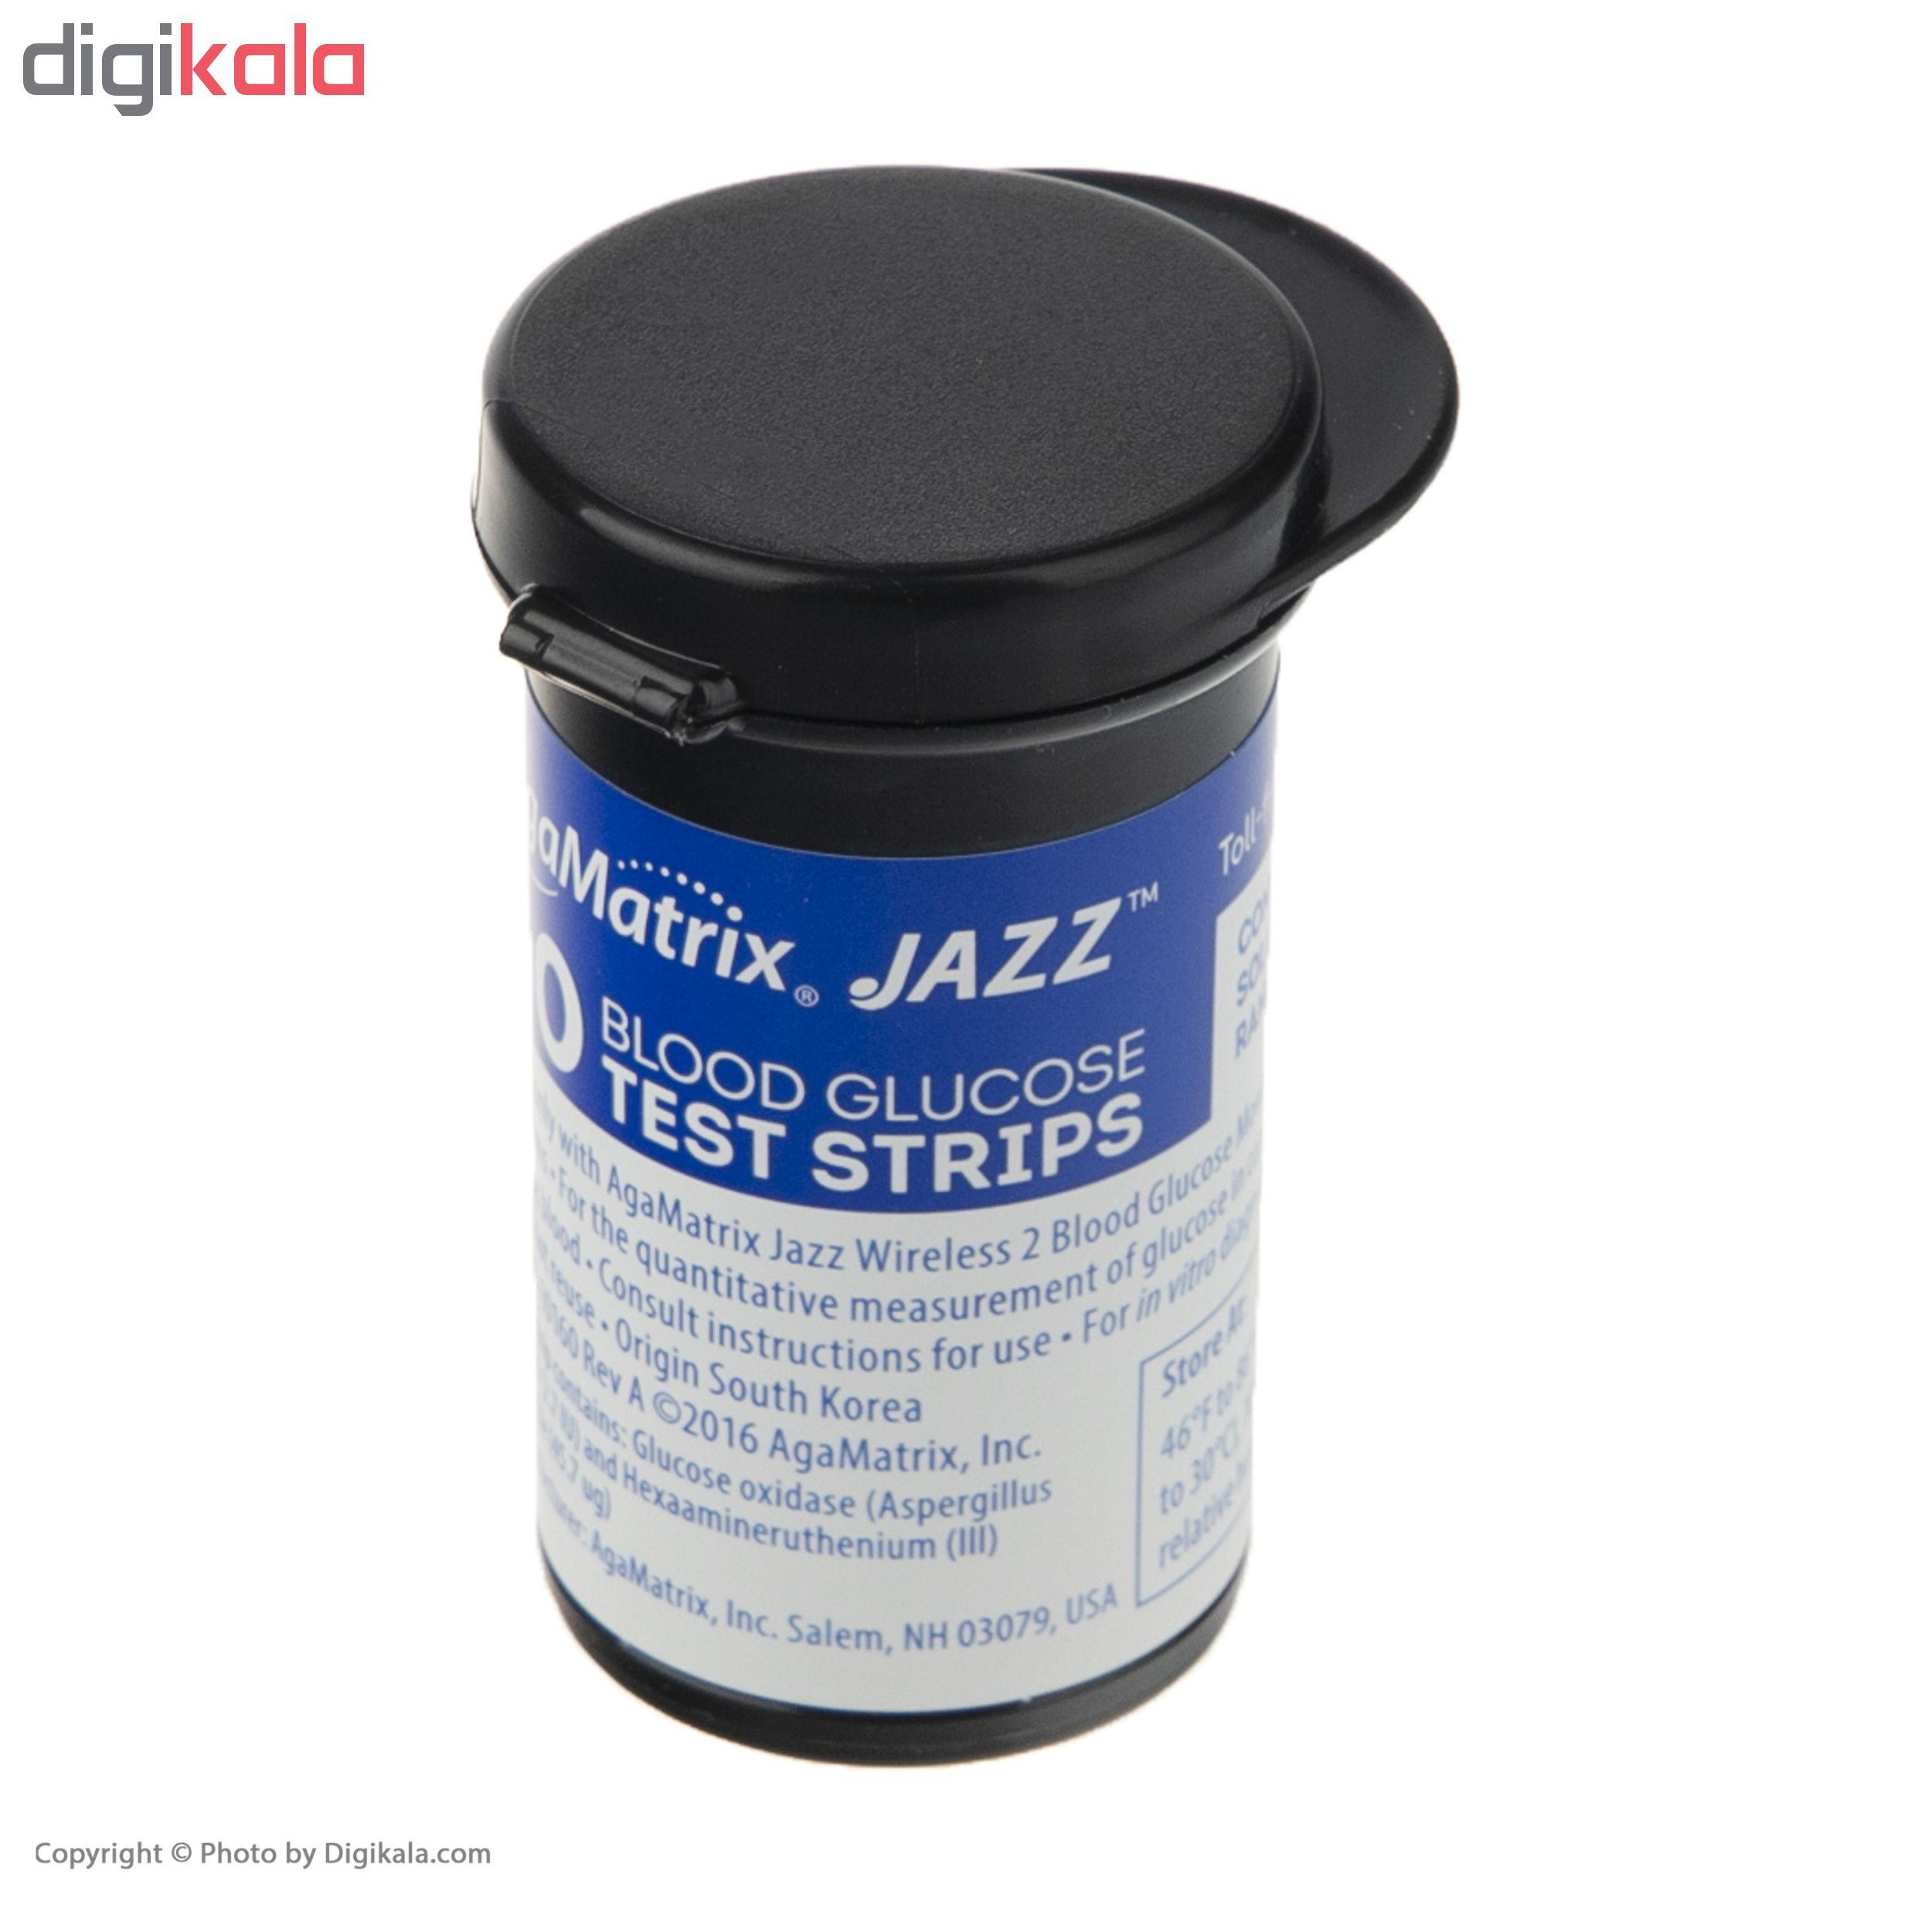 دستگاه تست قند خون آگاماتریکس مدل AgaMatrix Jazz Wireless 2 به همراه نوار بسته 50 عددی و سوزن بسته 100 عددی